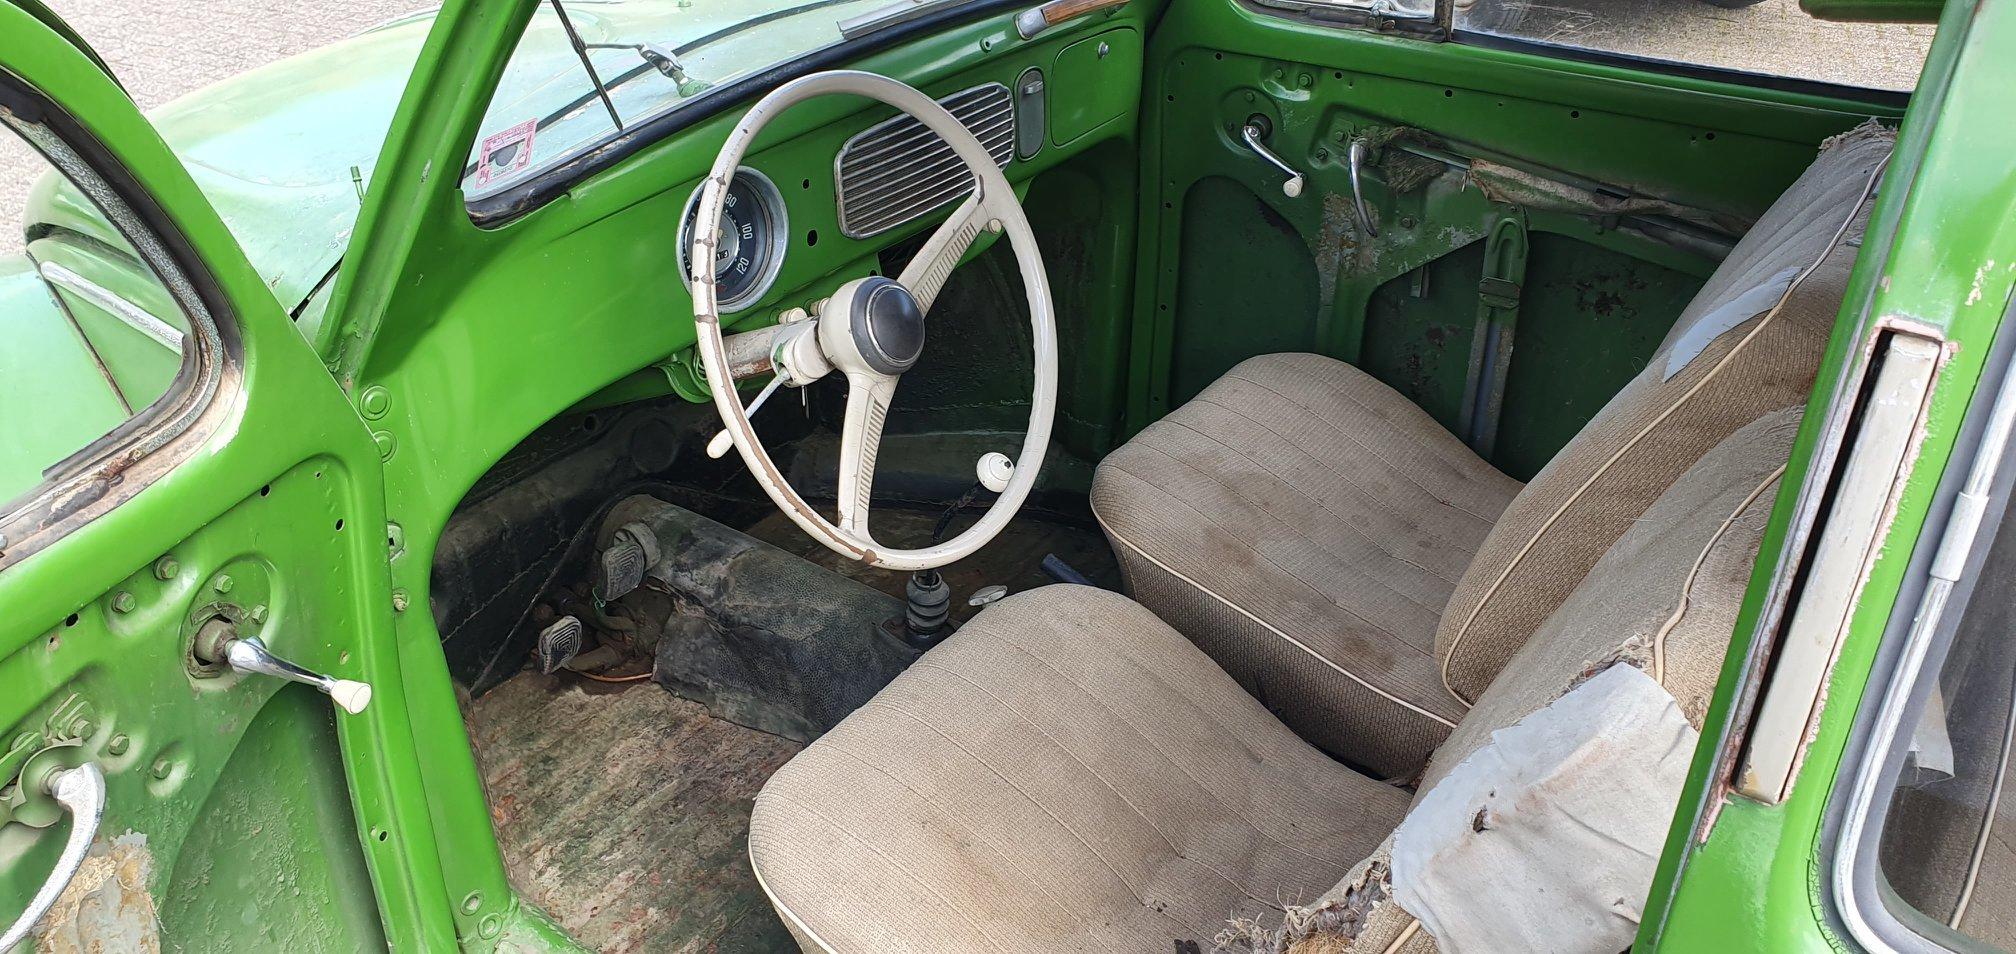 1957 Volkswagen Beetle, VW Kafer, VW V Beetle For Sale (picture 5 of 6)